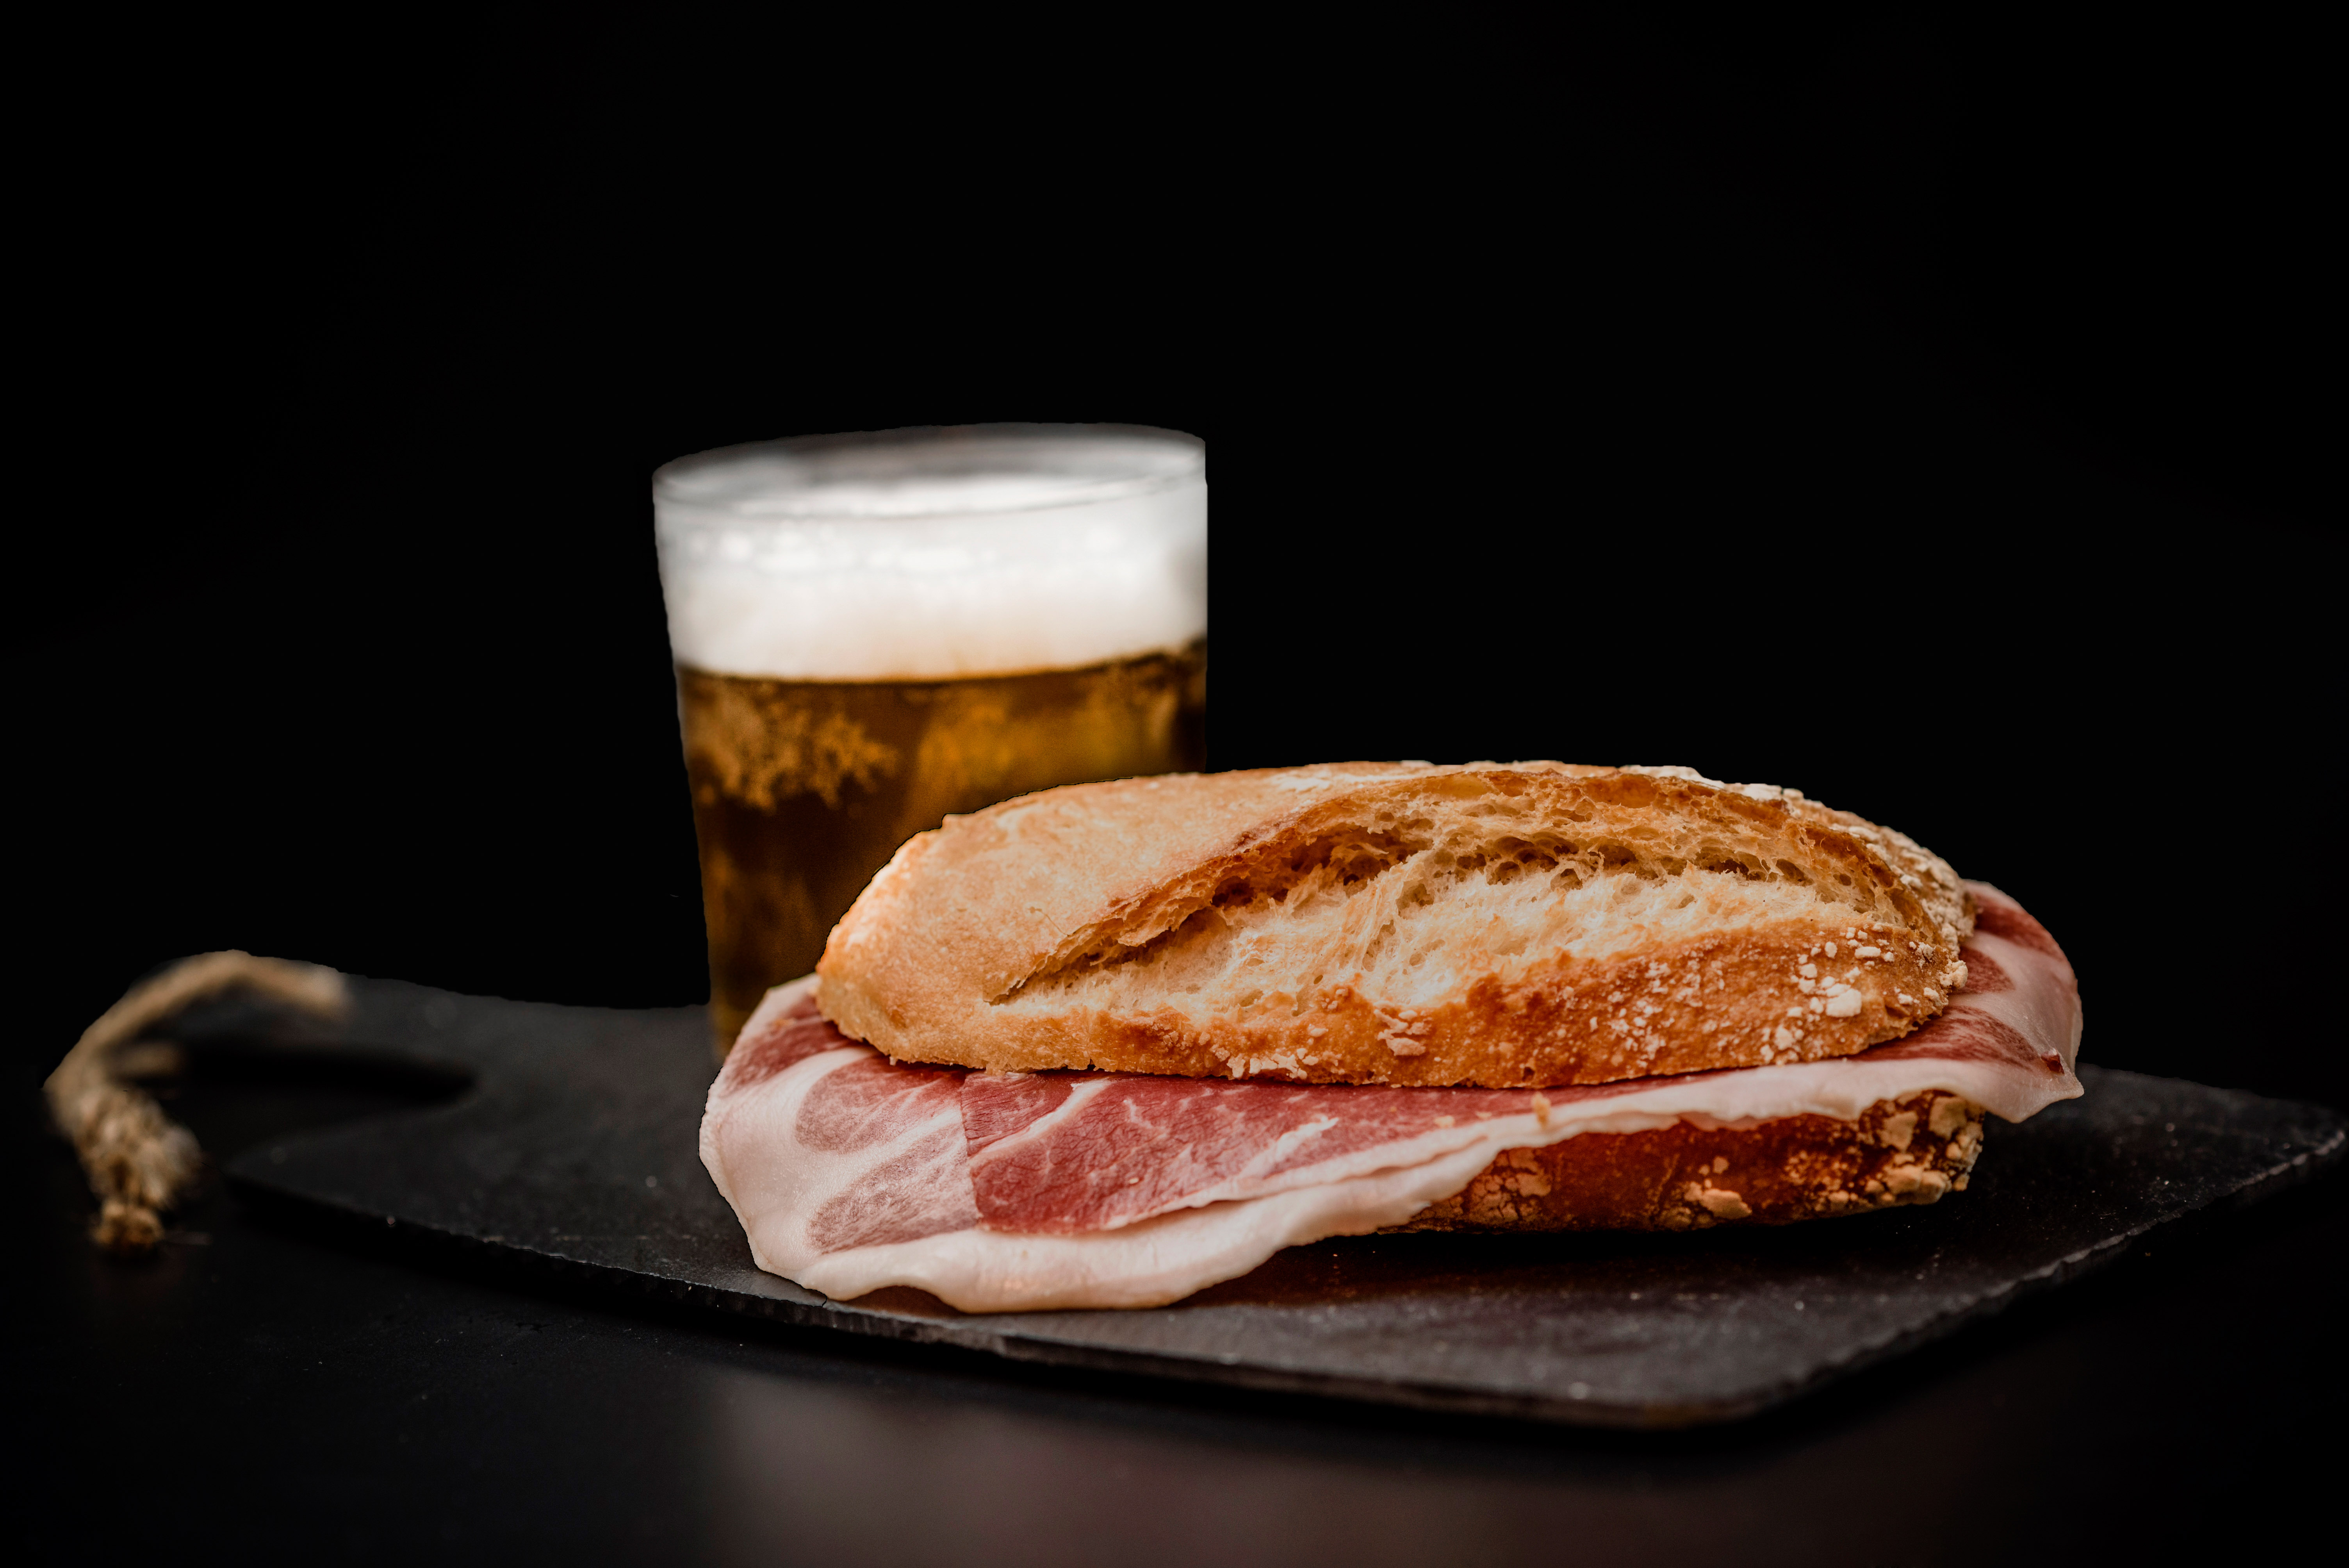 Delicioso Bocadillo de nuestro exclusivo Jamón Ibérico, acompañado con una caña de cerveza de bodega. Un tentempié en toda regla.